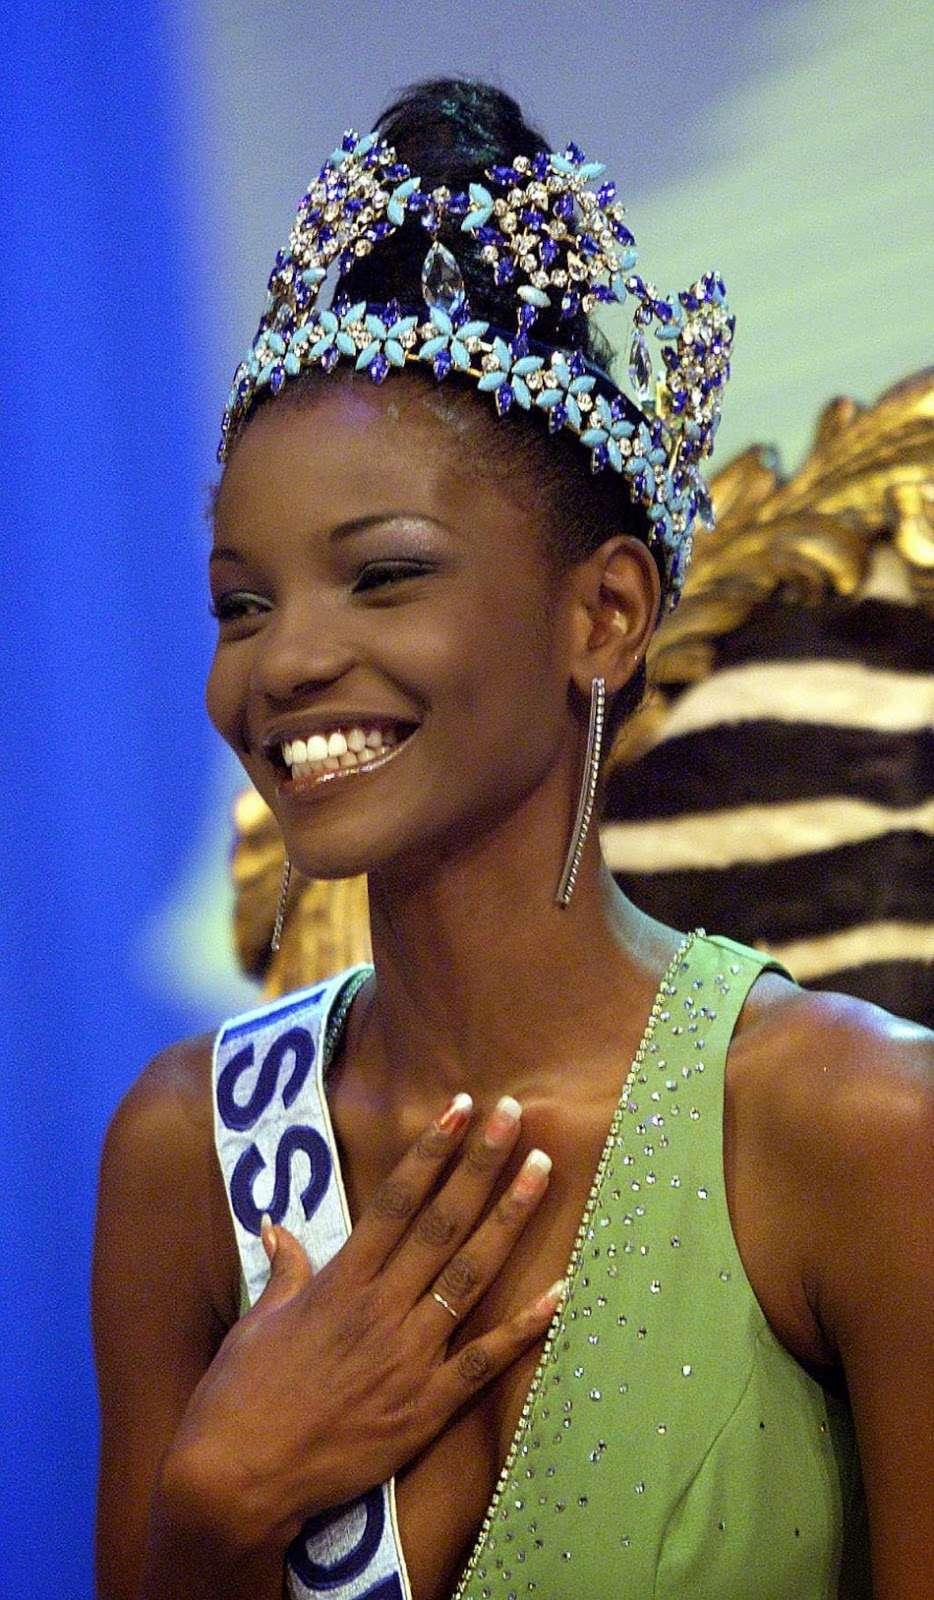 agbani darego, miss world 2001. Agbani10